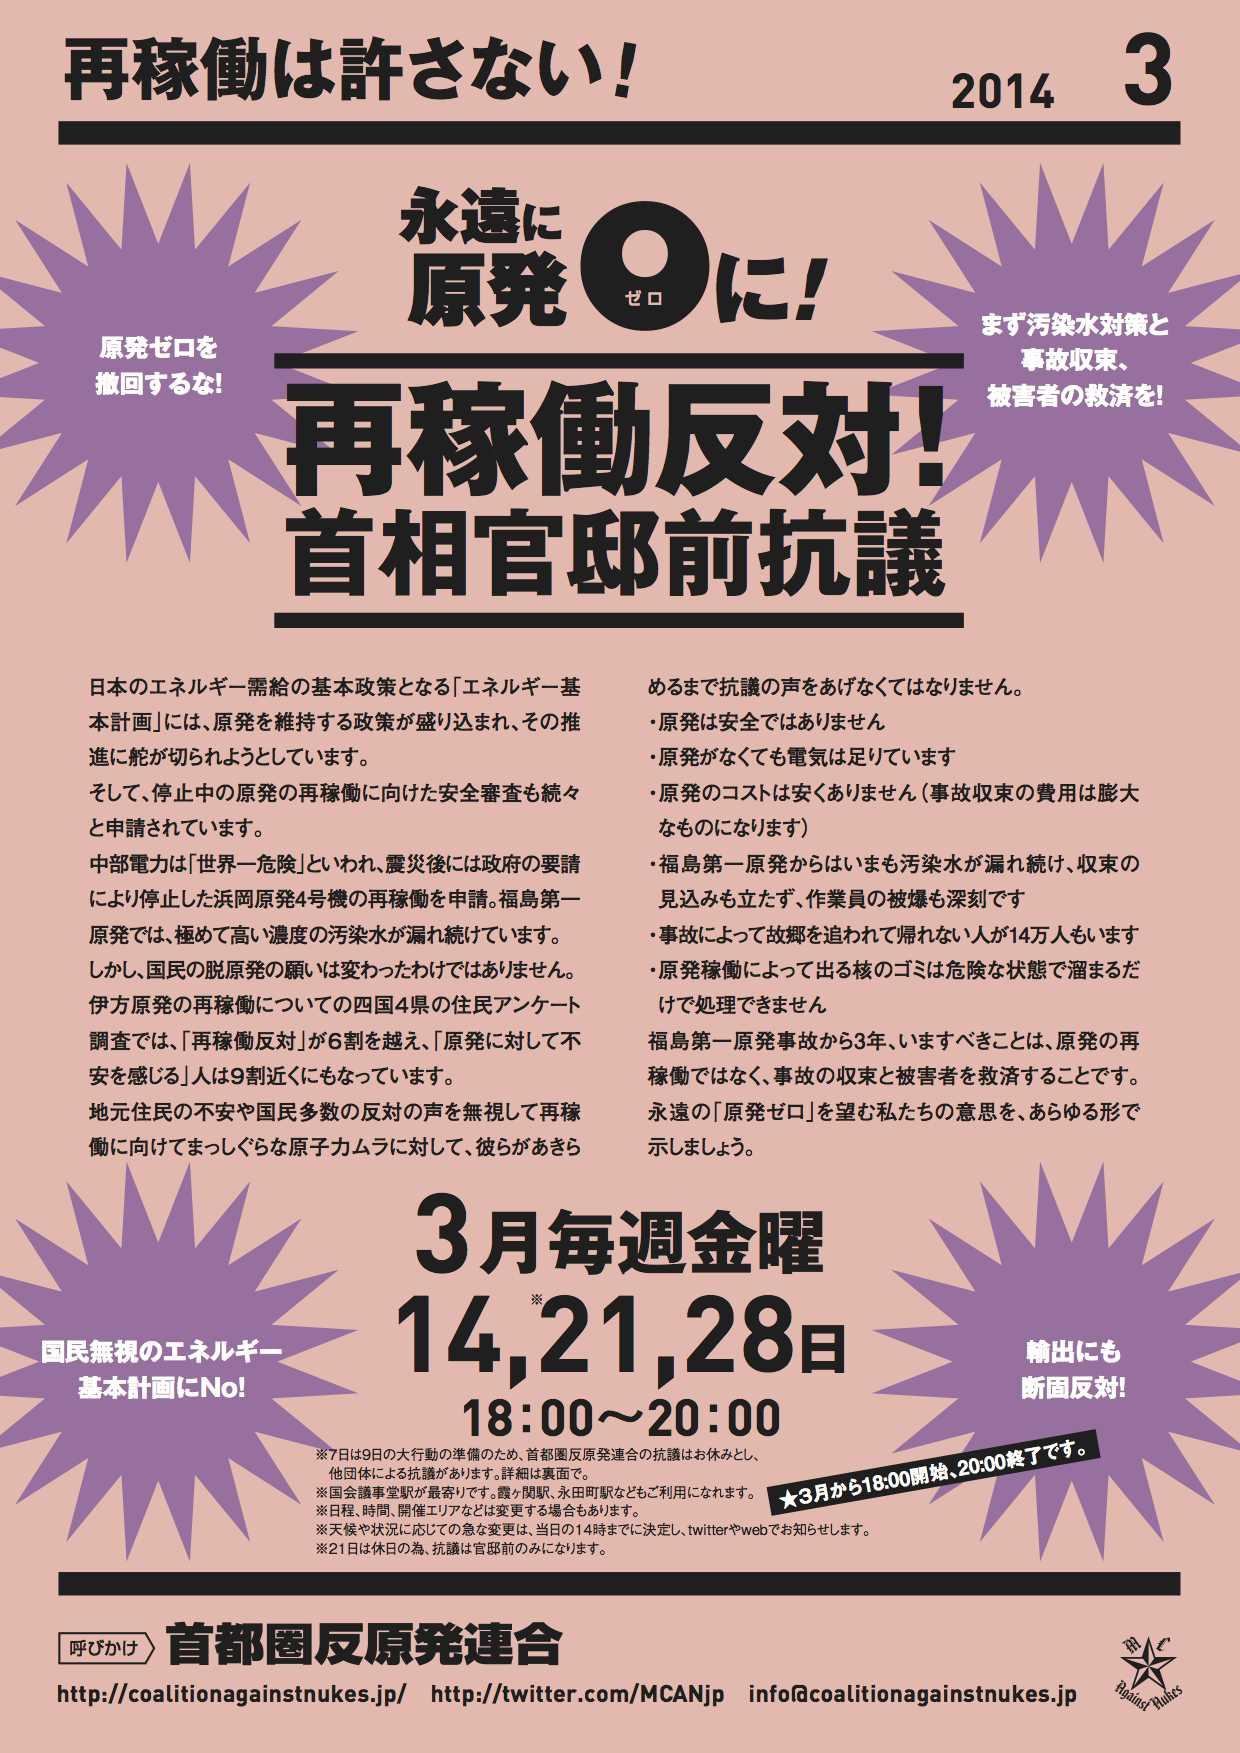 MCAN_A4_feb_2014